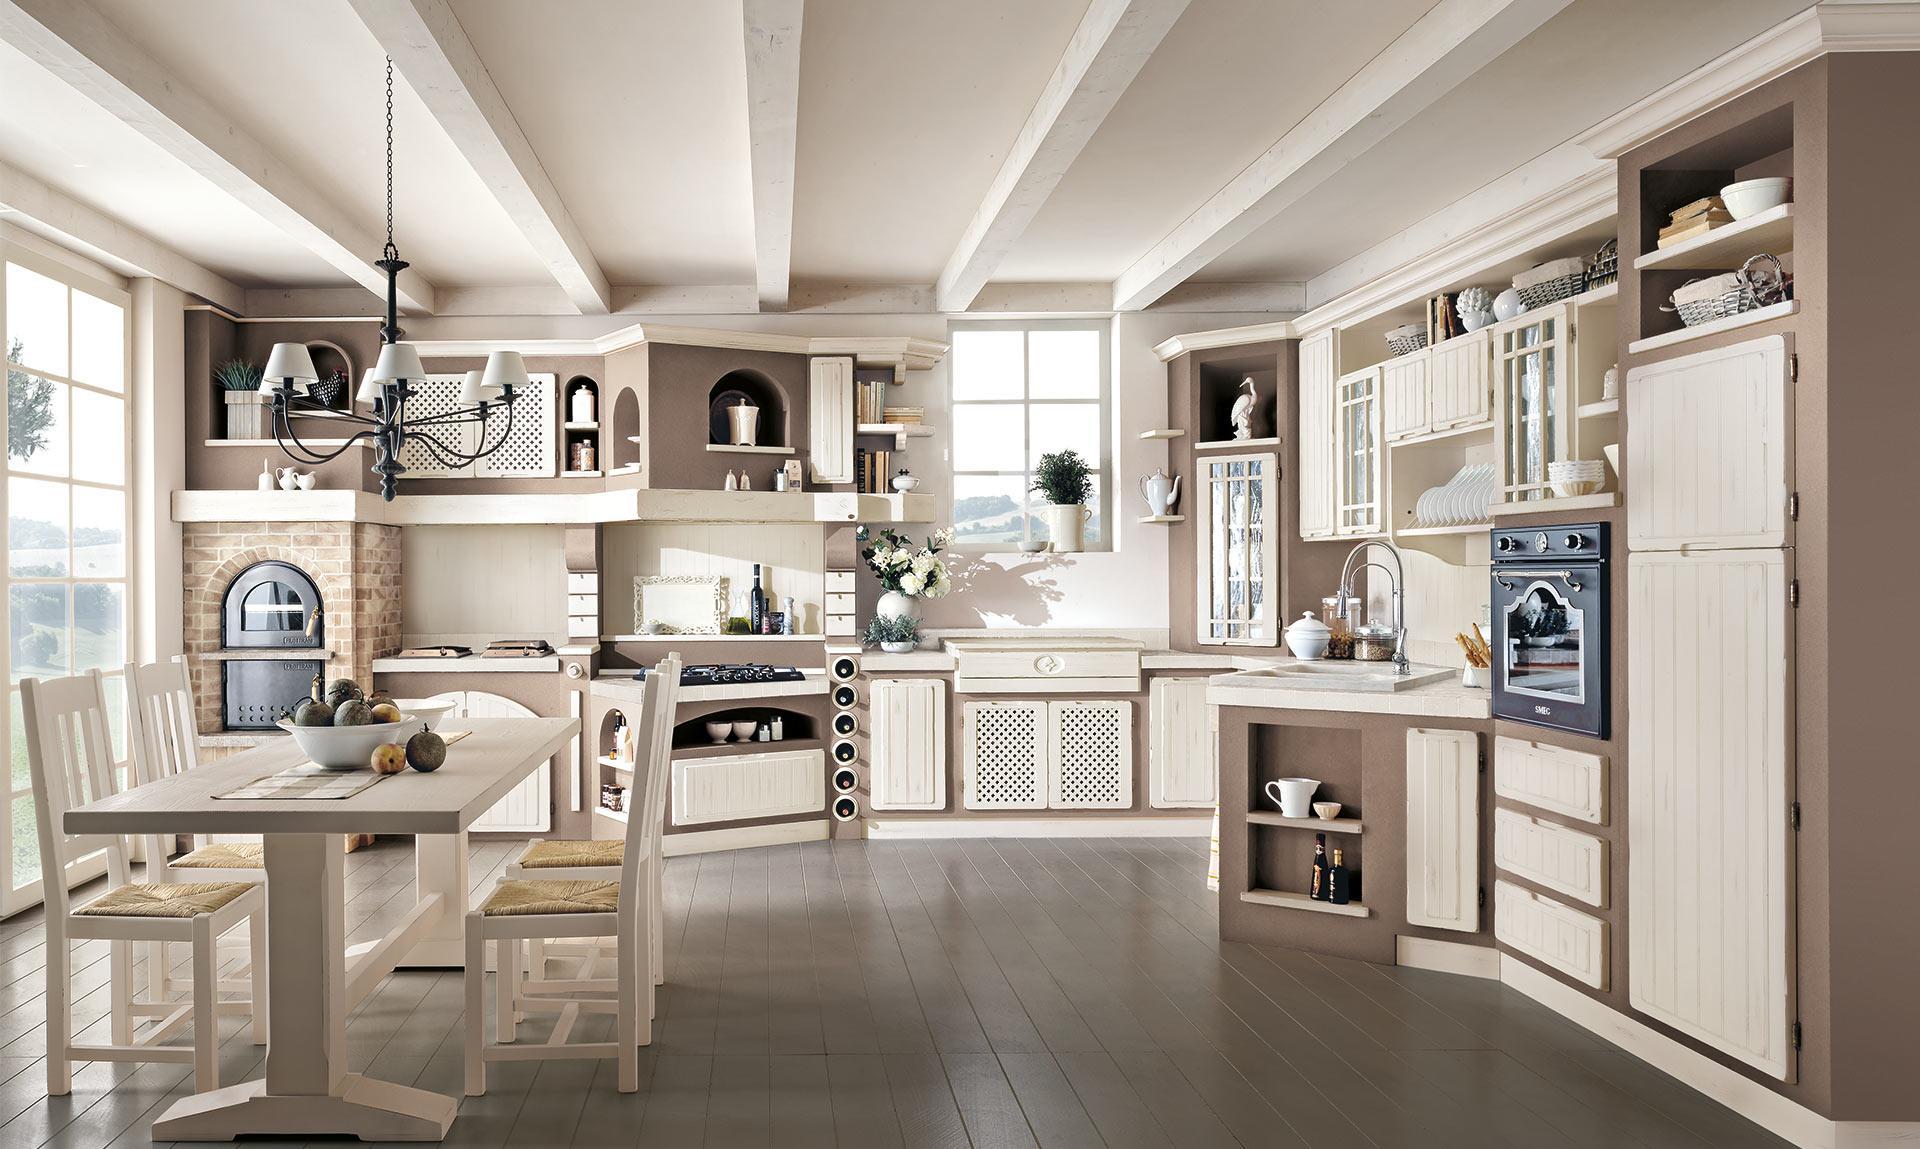 Cucina elena lube creo store corsico viale italia 22 - Cucine finta muratura lube ...